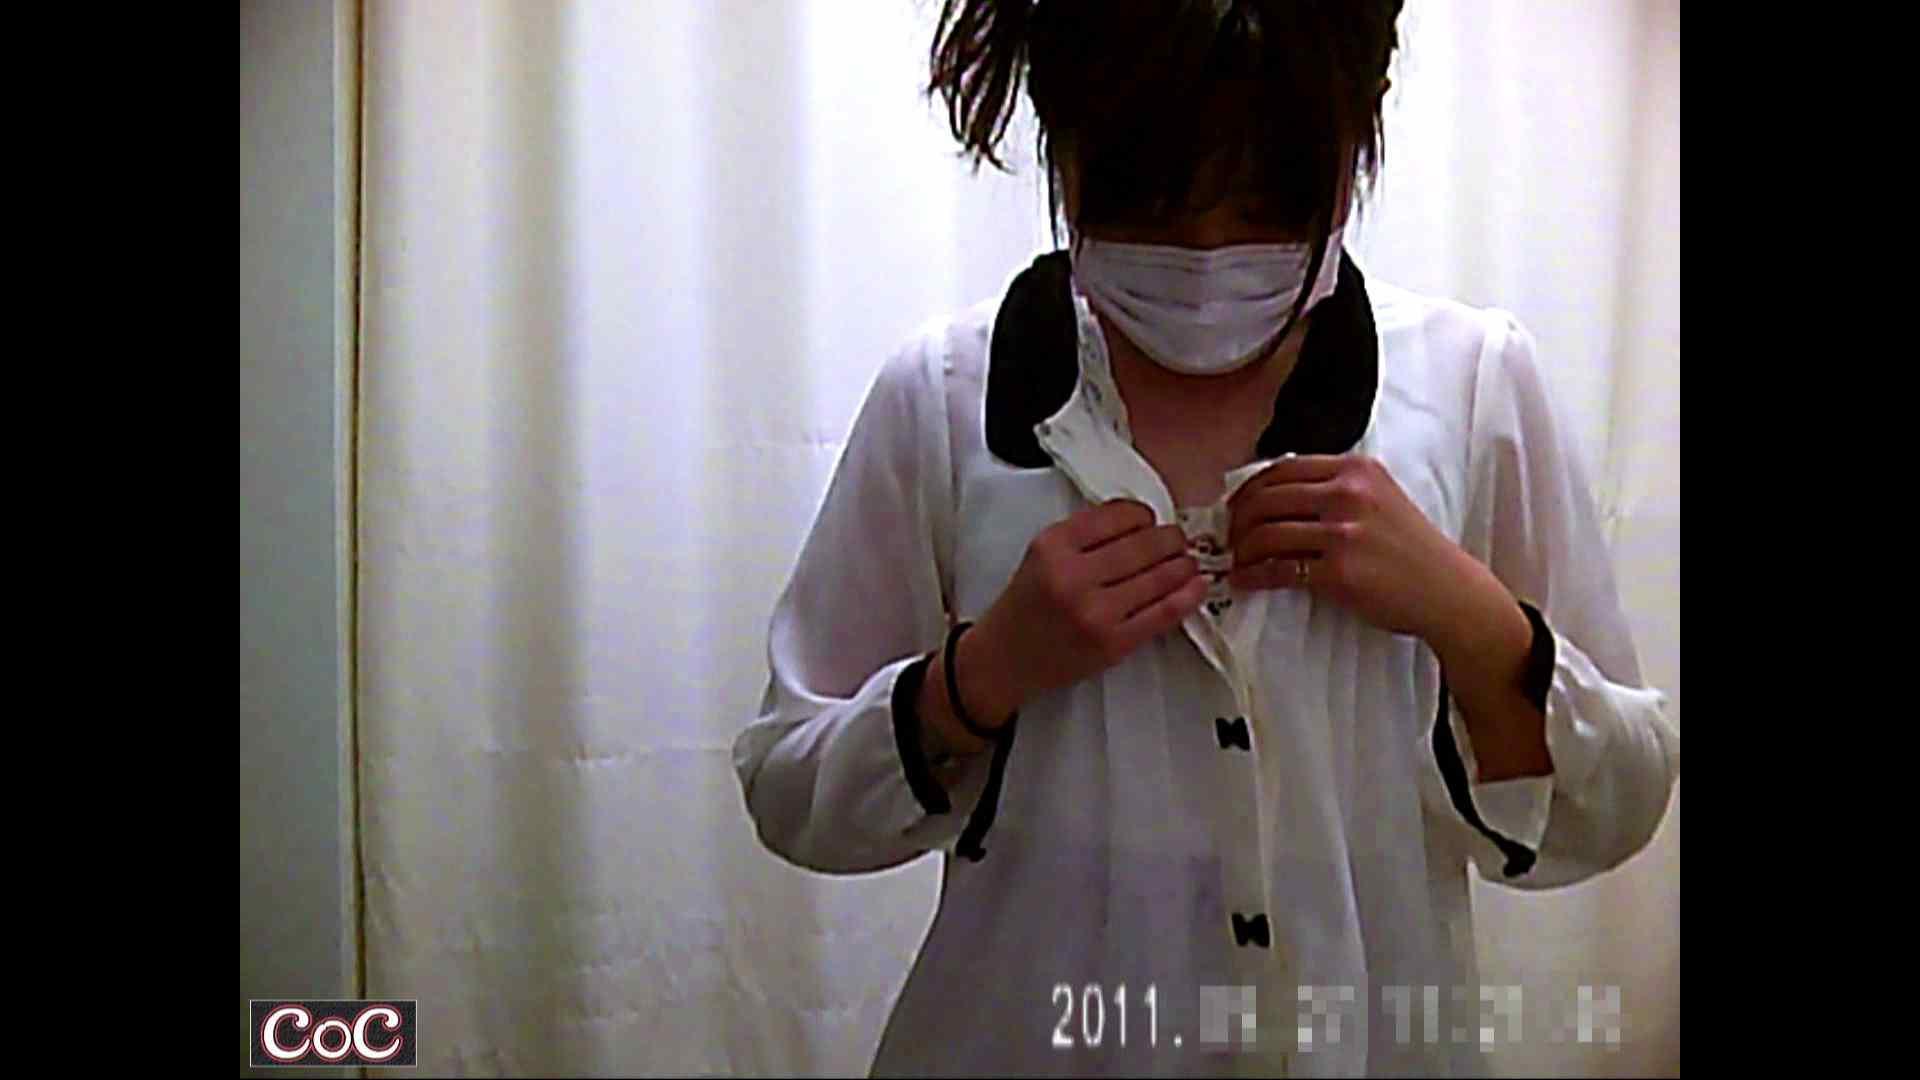 病院おもいっきり着替え! vol.38 盗撮 SEX無修正画像 59PIX 52